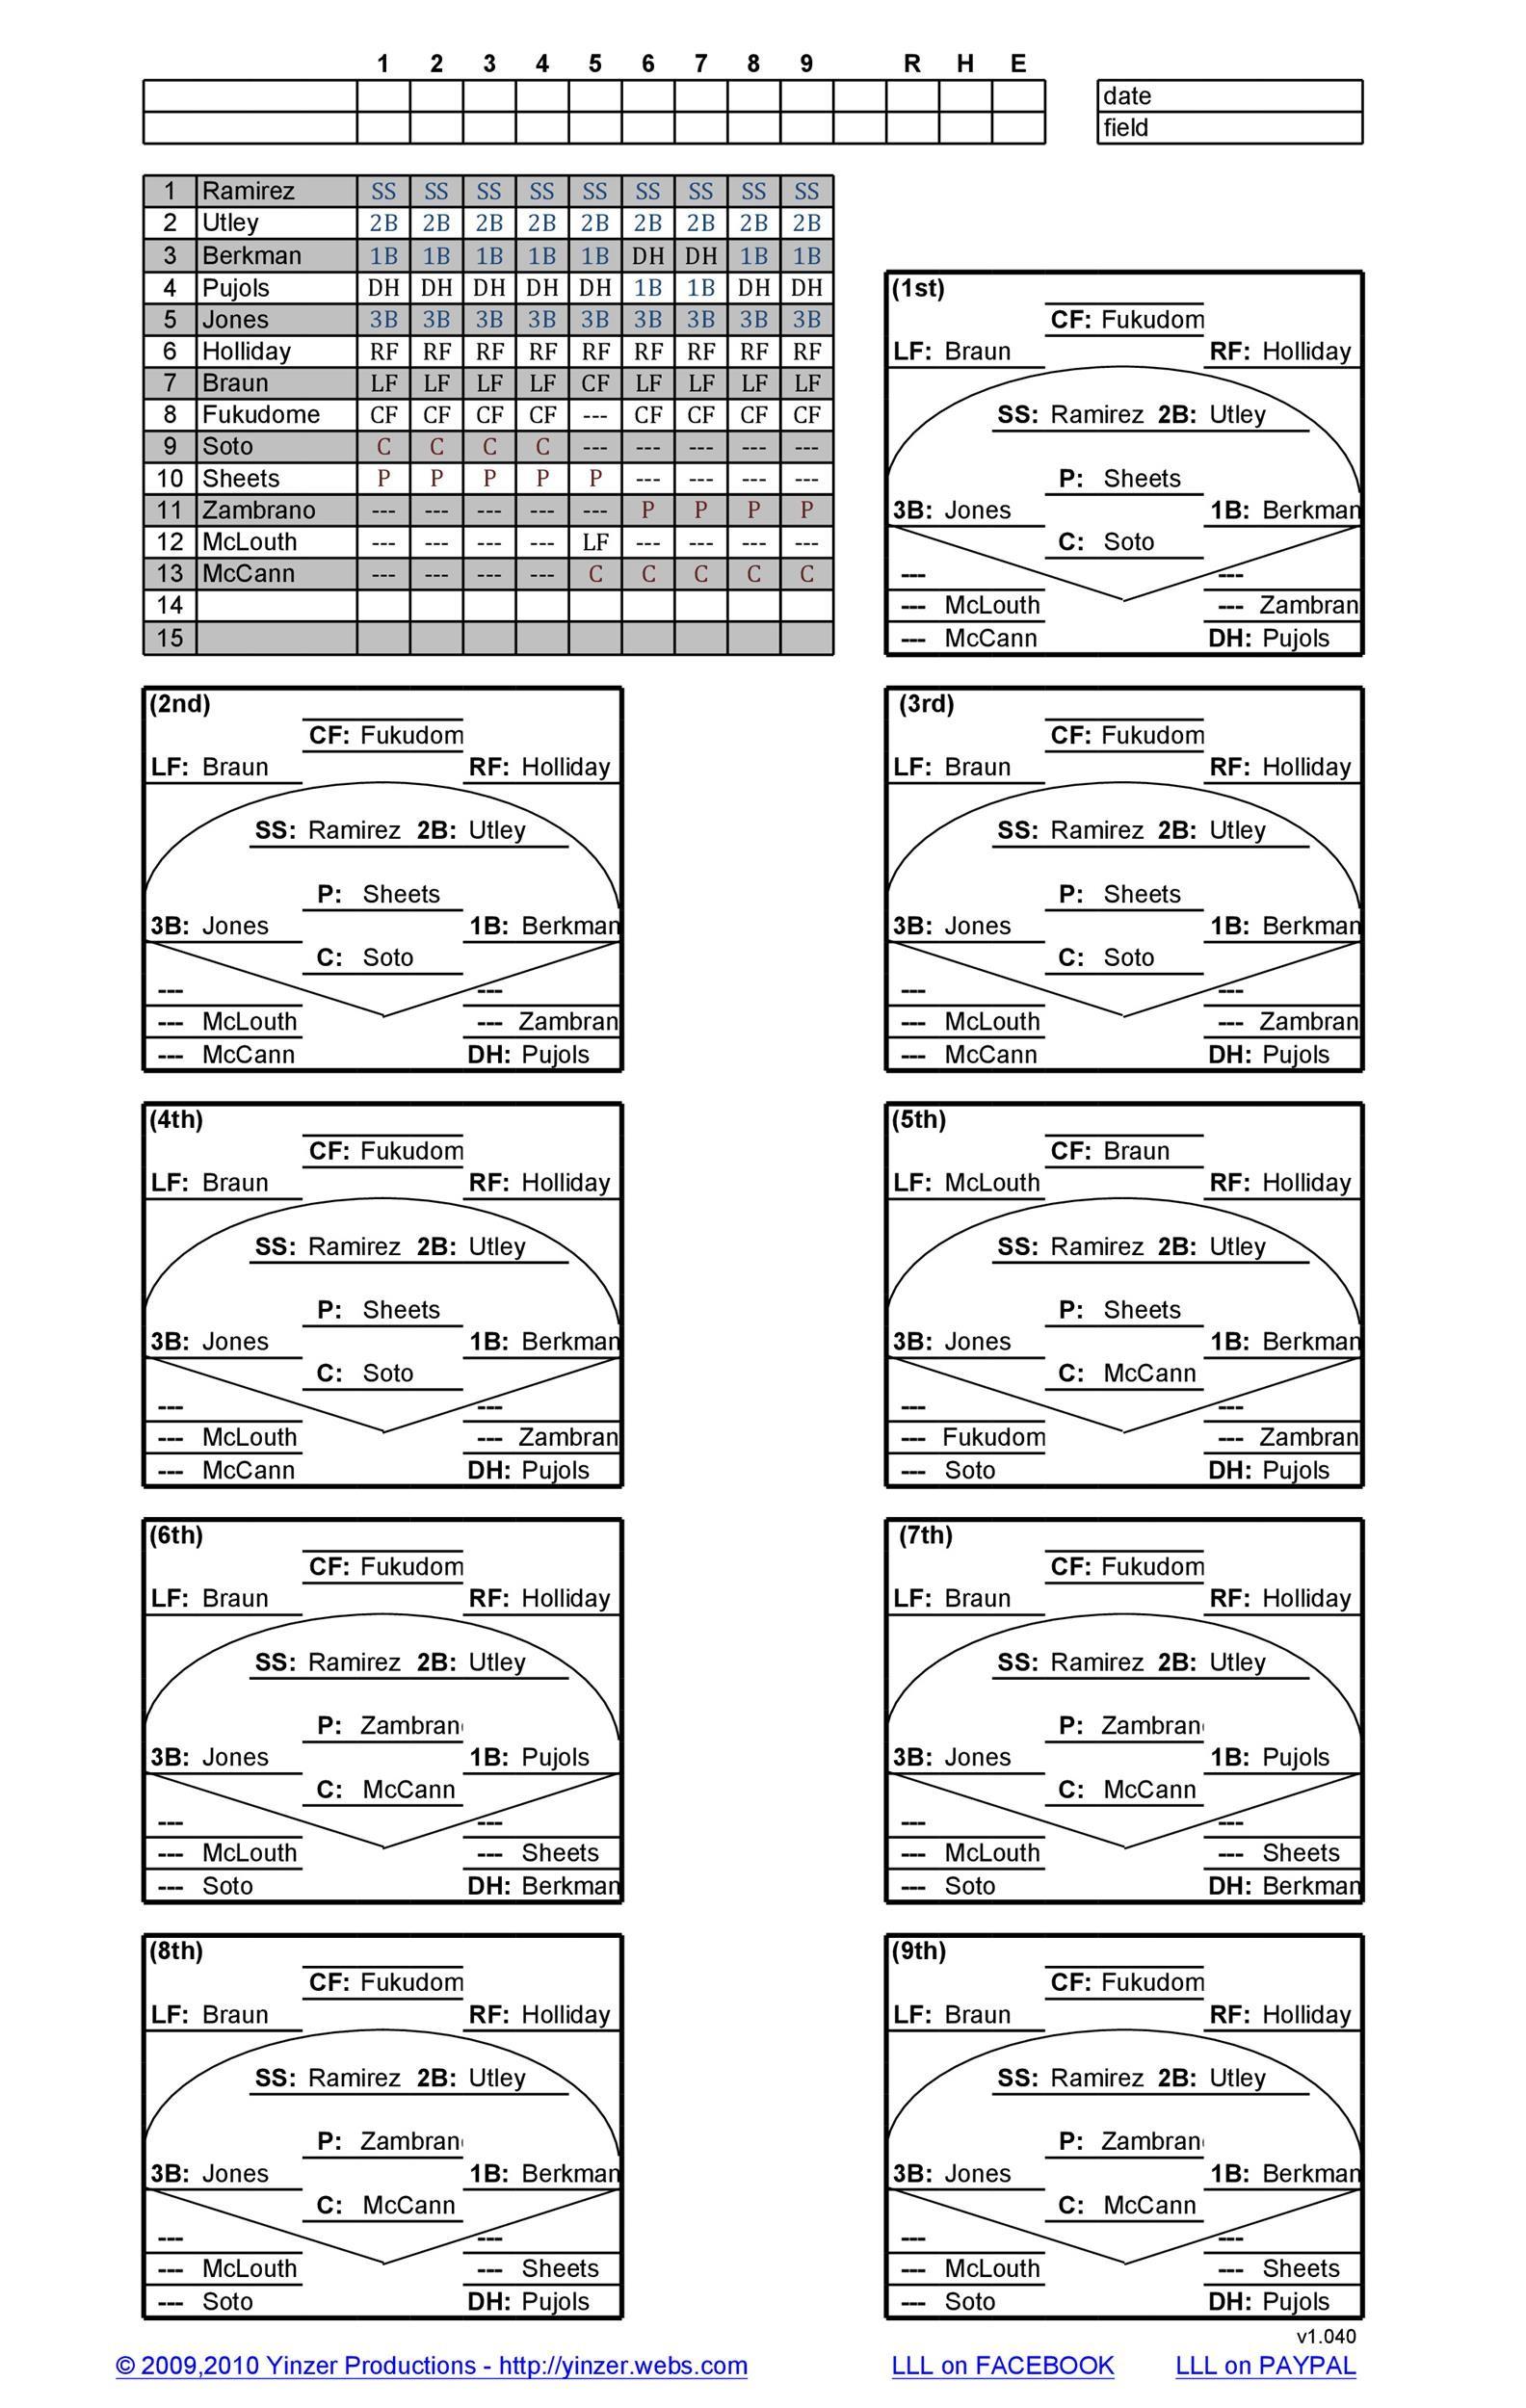 33 Printable Baseball Lineup Templates [Free Download] ᐅ